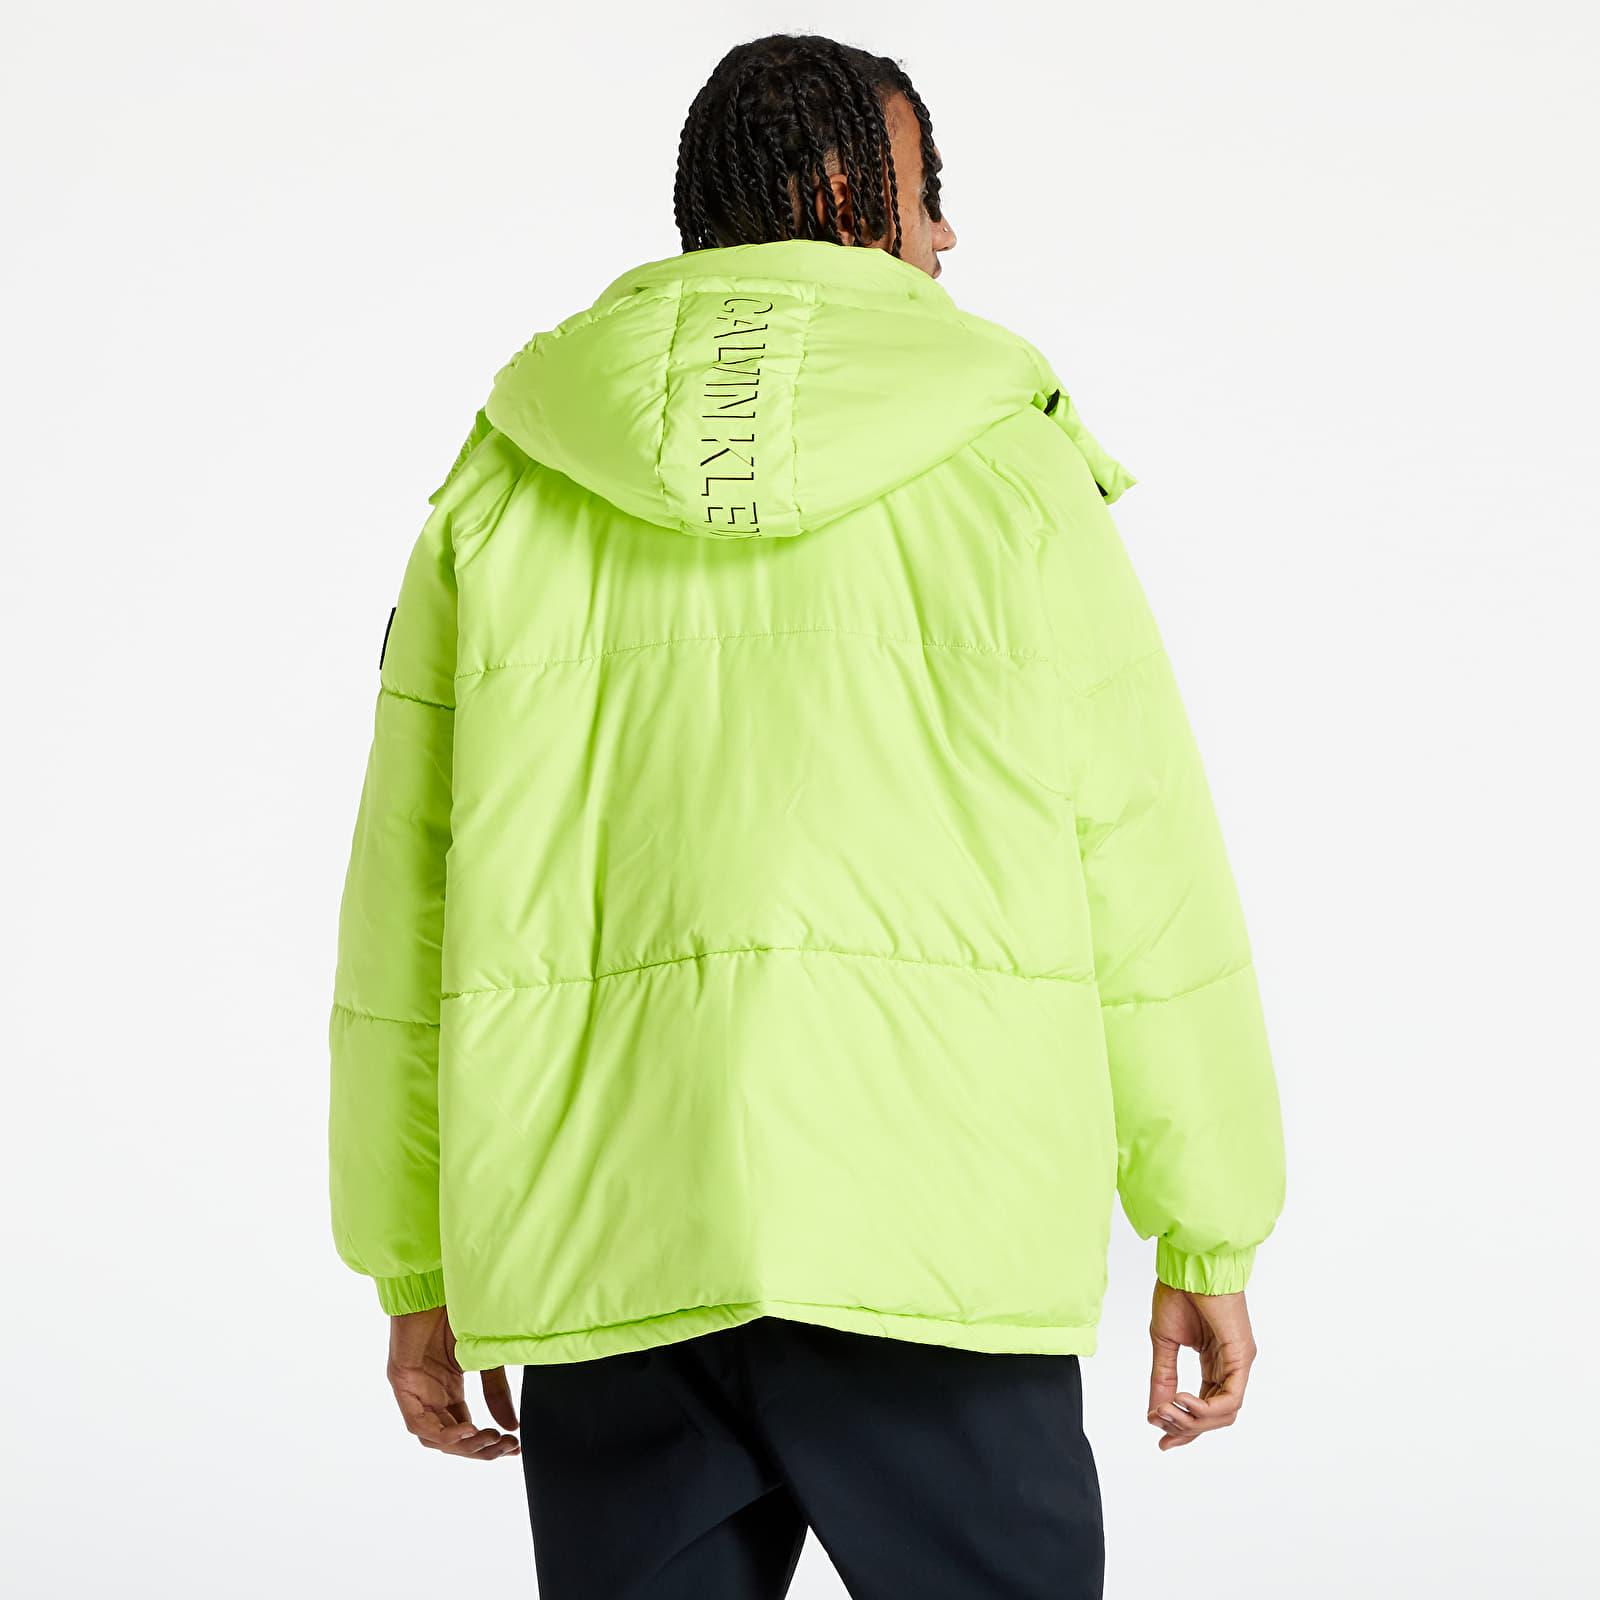 Jesenné a zimné bundy, ktoré budeš chcieť vo svojom šatníku. V kurze sú modely od The North Face, Helly Hansen aj Nike